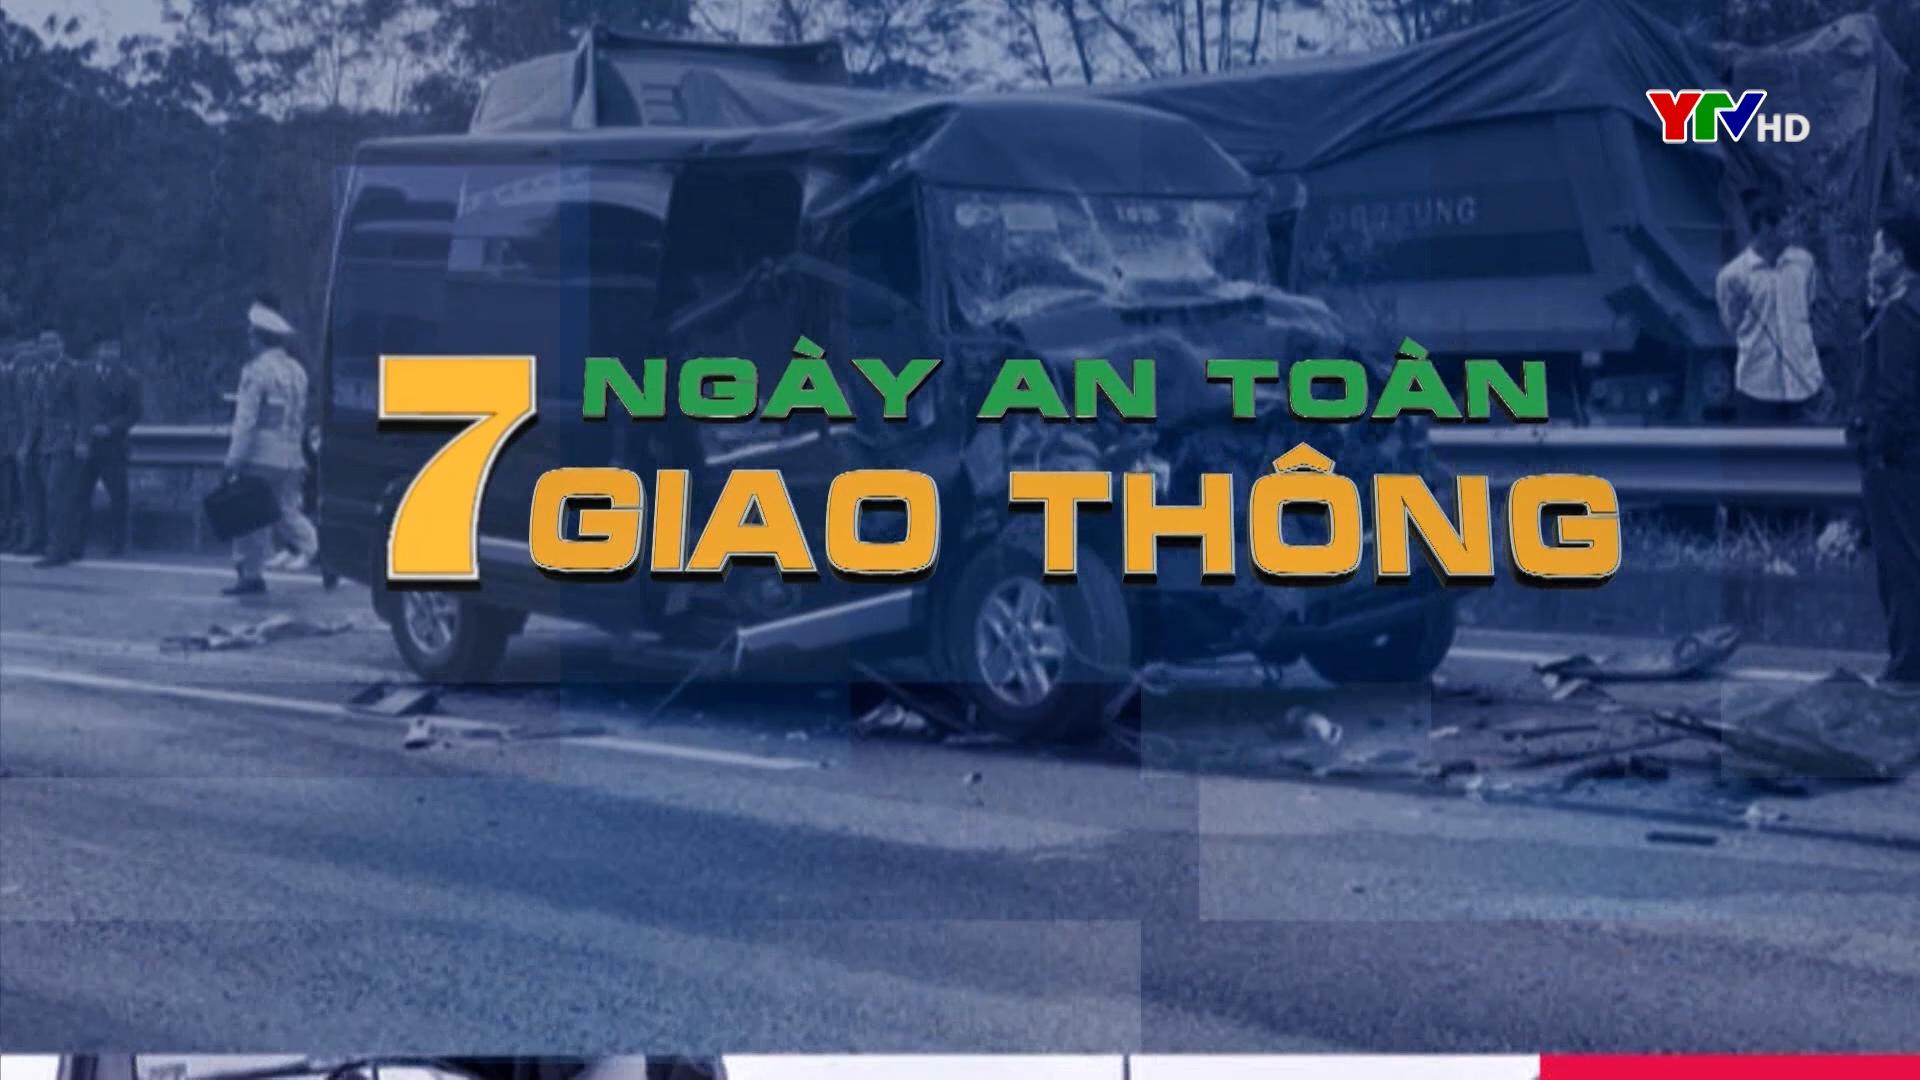 7 ngày An toàn giao thông